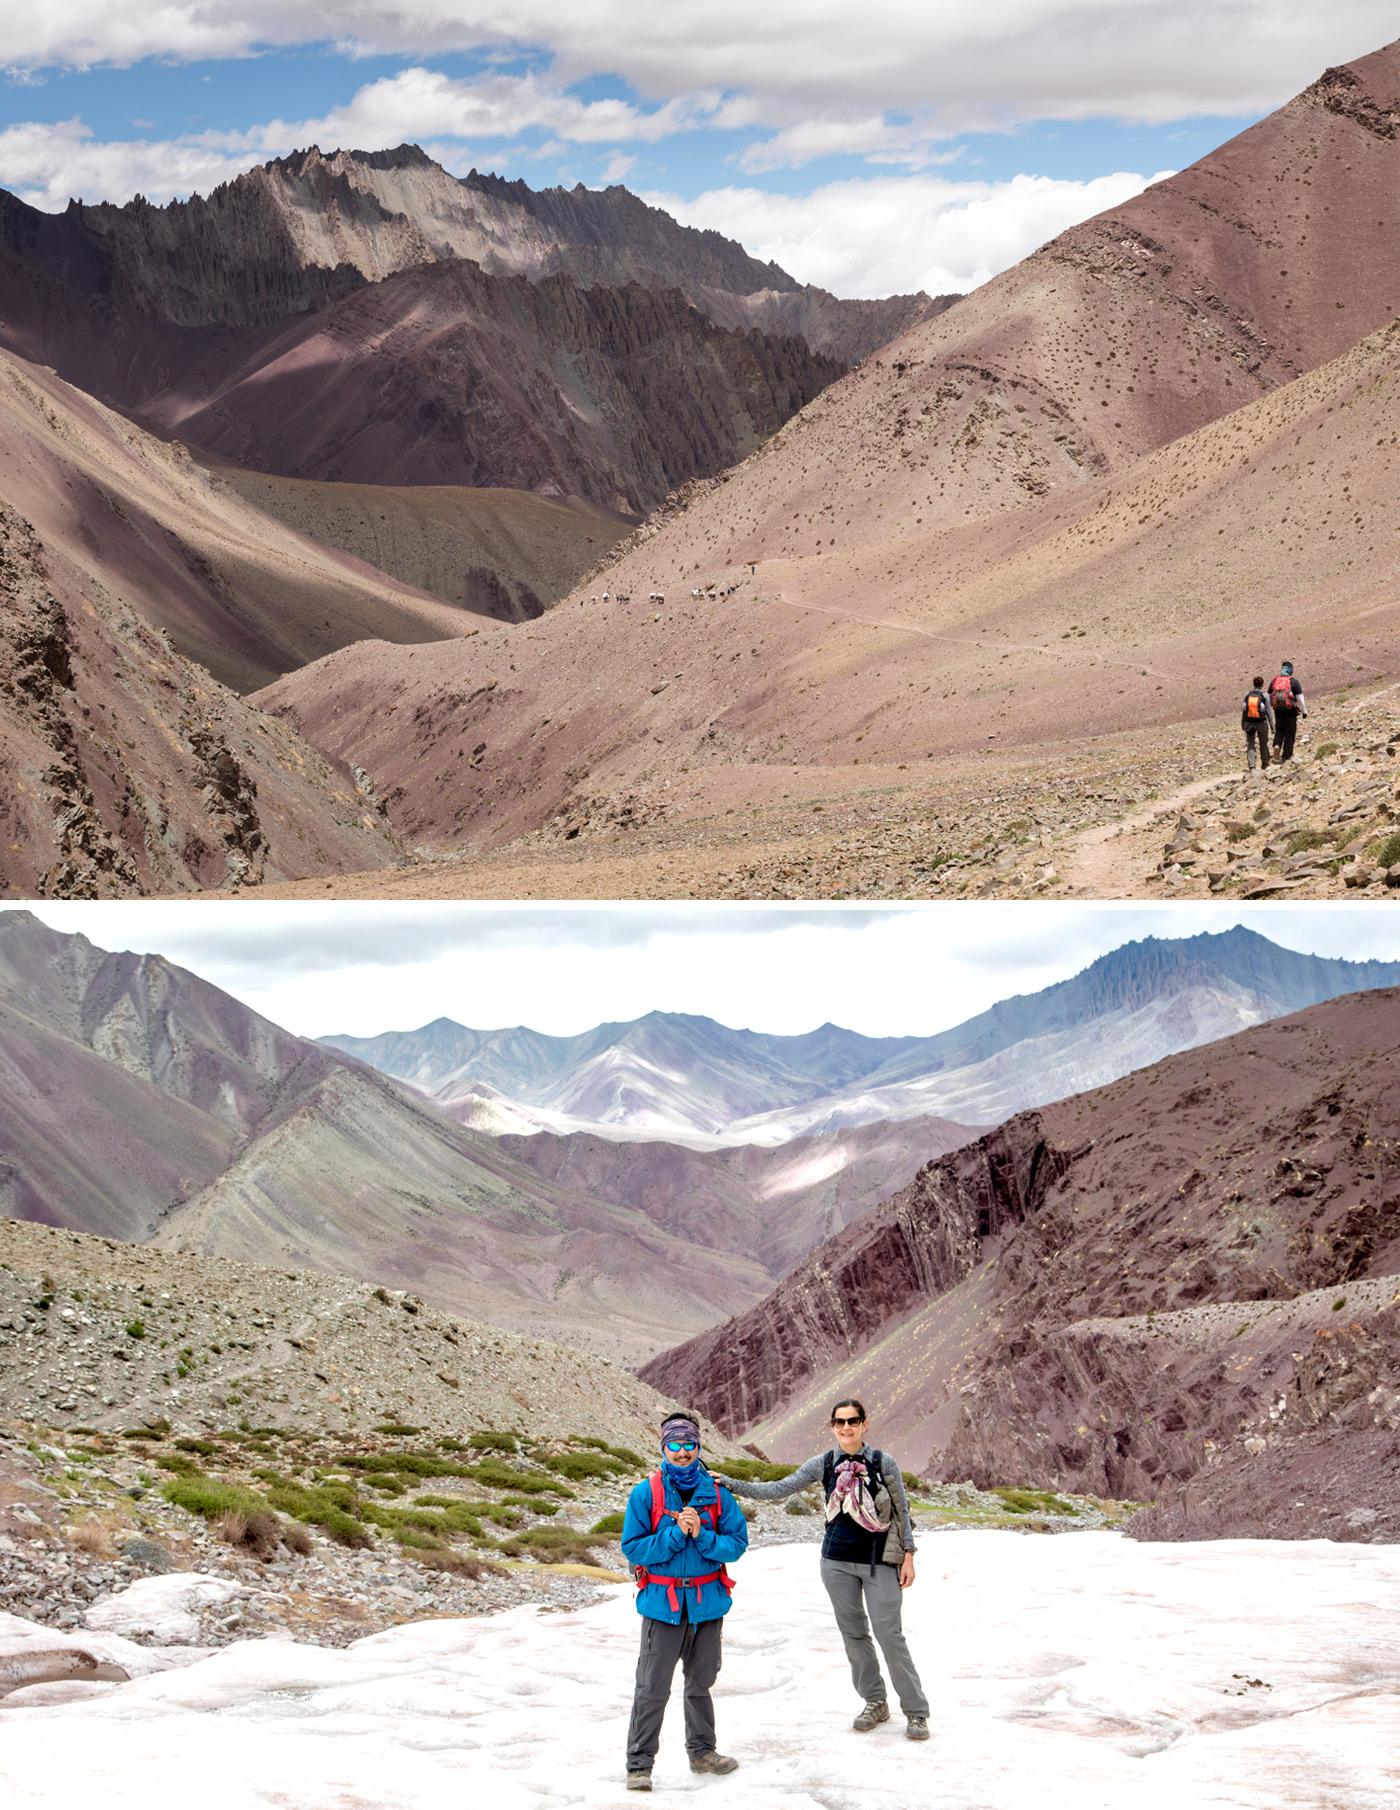 06_ladakh_trek_7101_6932_new.jpg